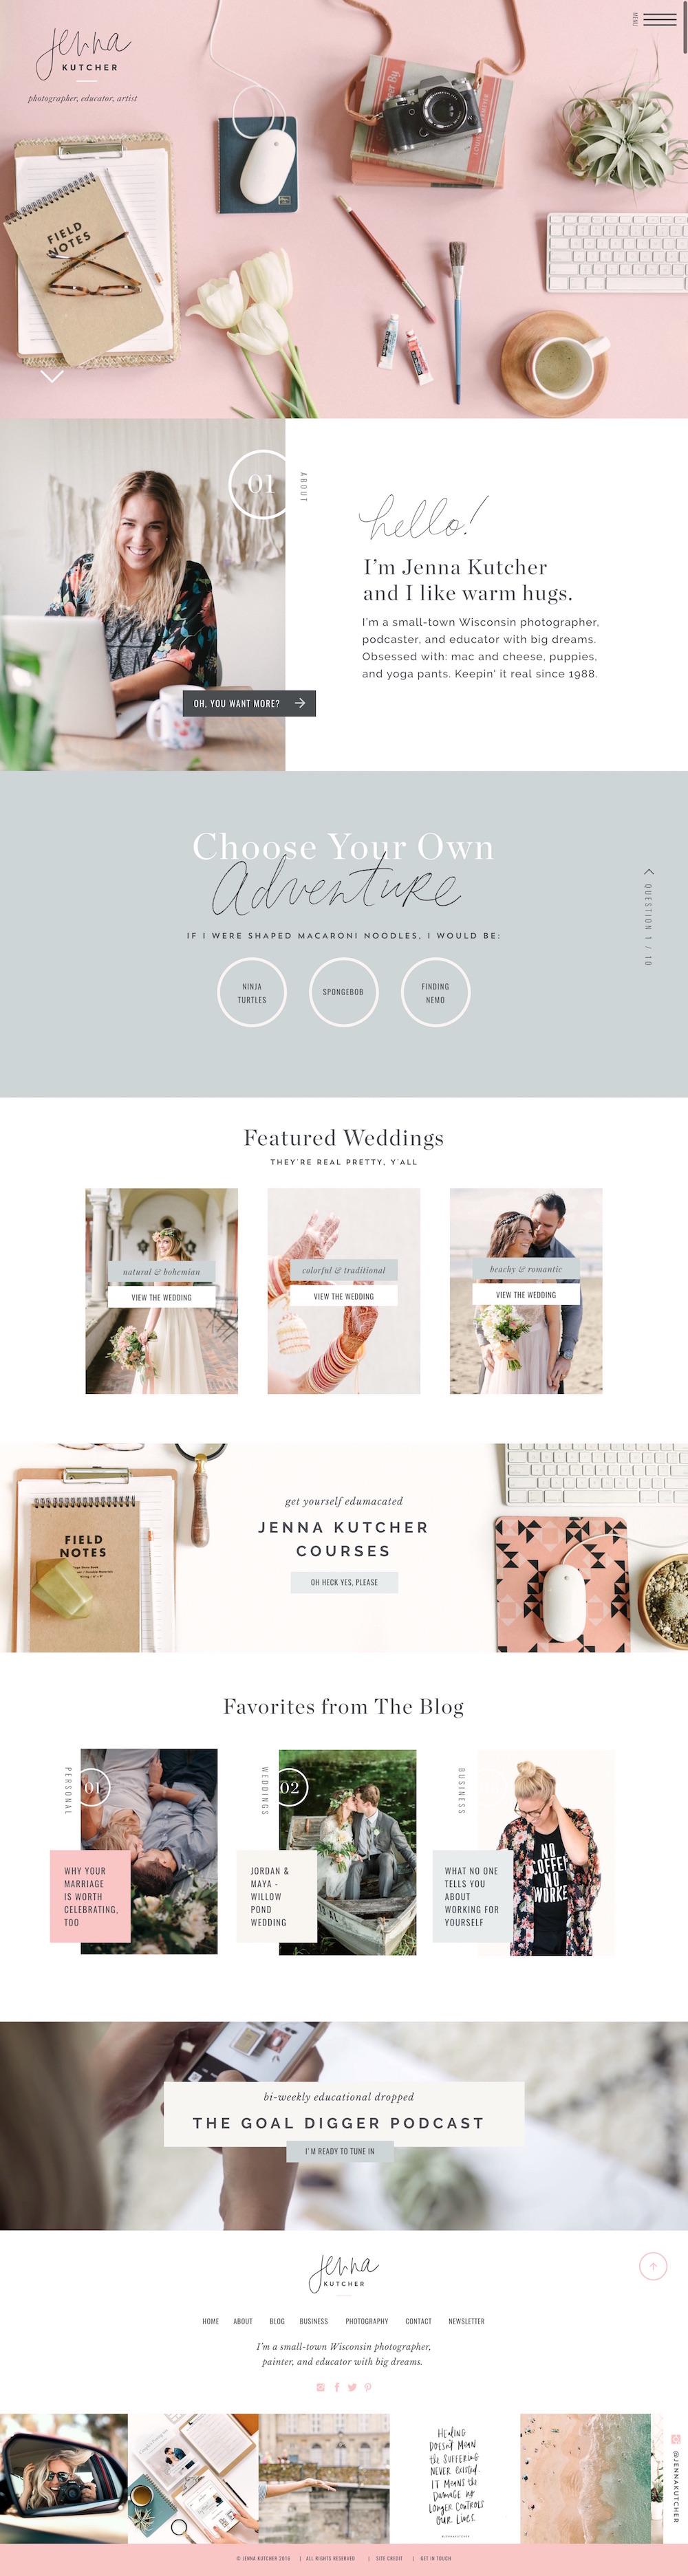 Jenna Kutcher ShowIt website designed by Jen Olmstead.jpg